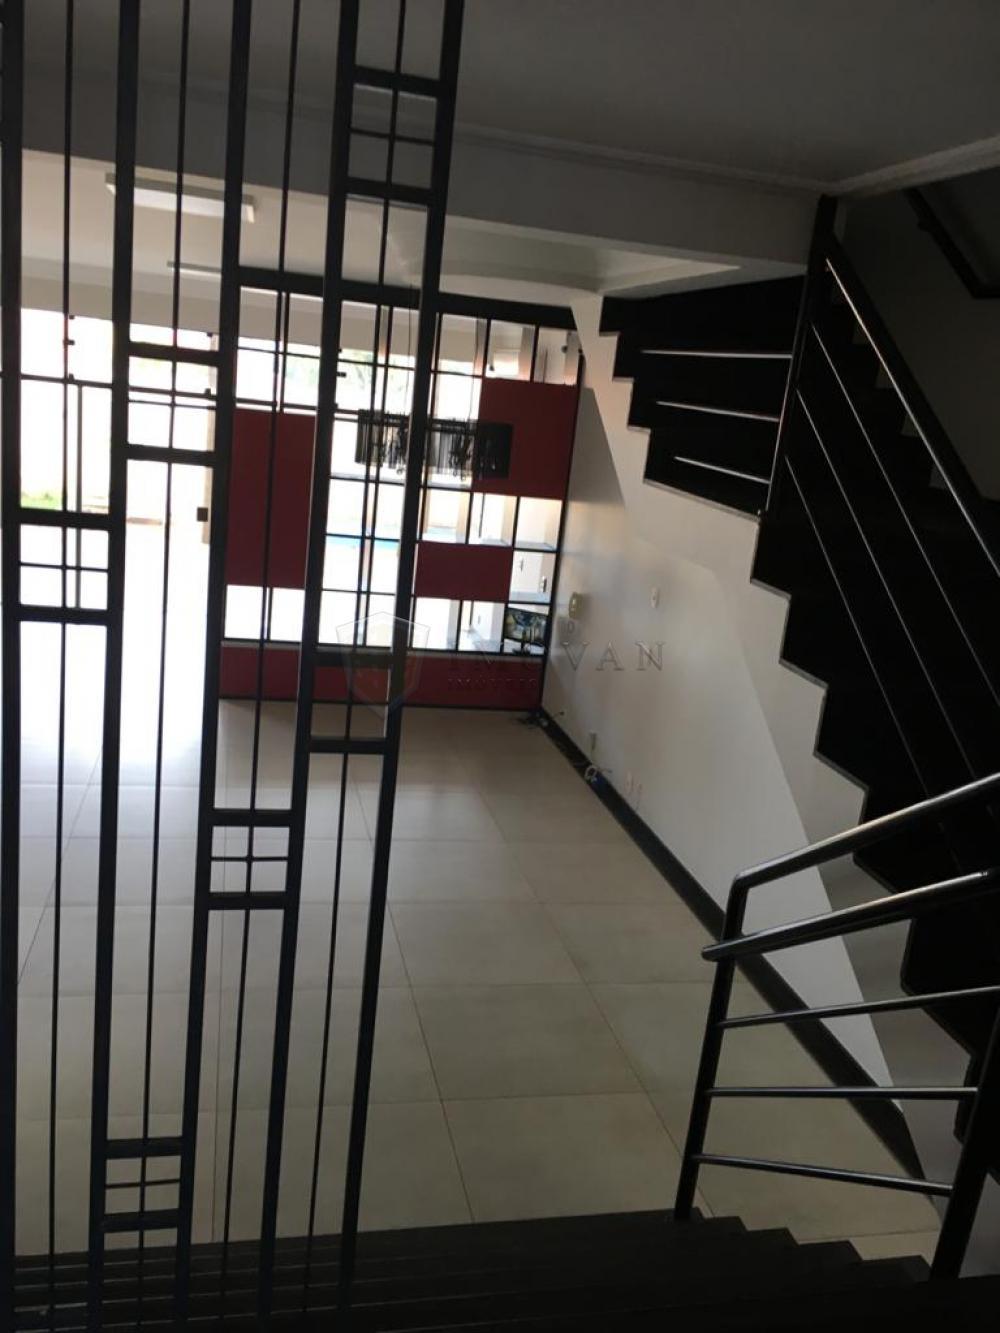 Comprar Casa / Padrão em Ribeirão Preto R$ 850.000,00 - Foto 29